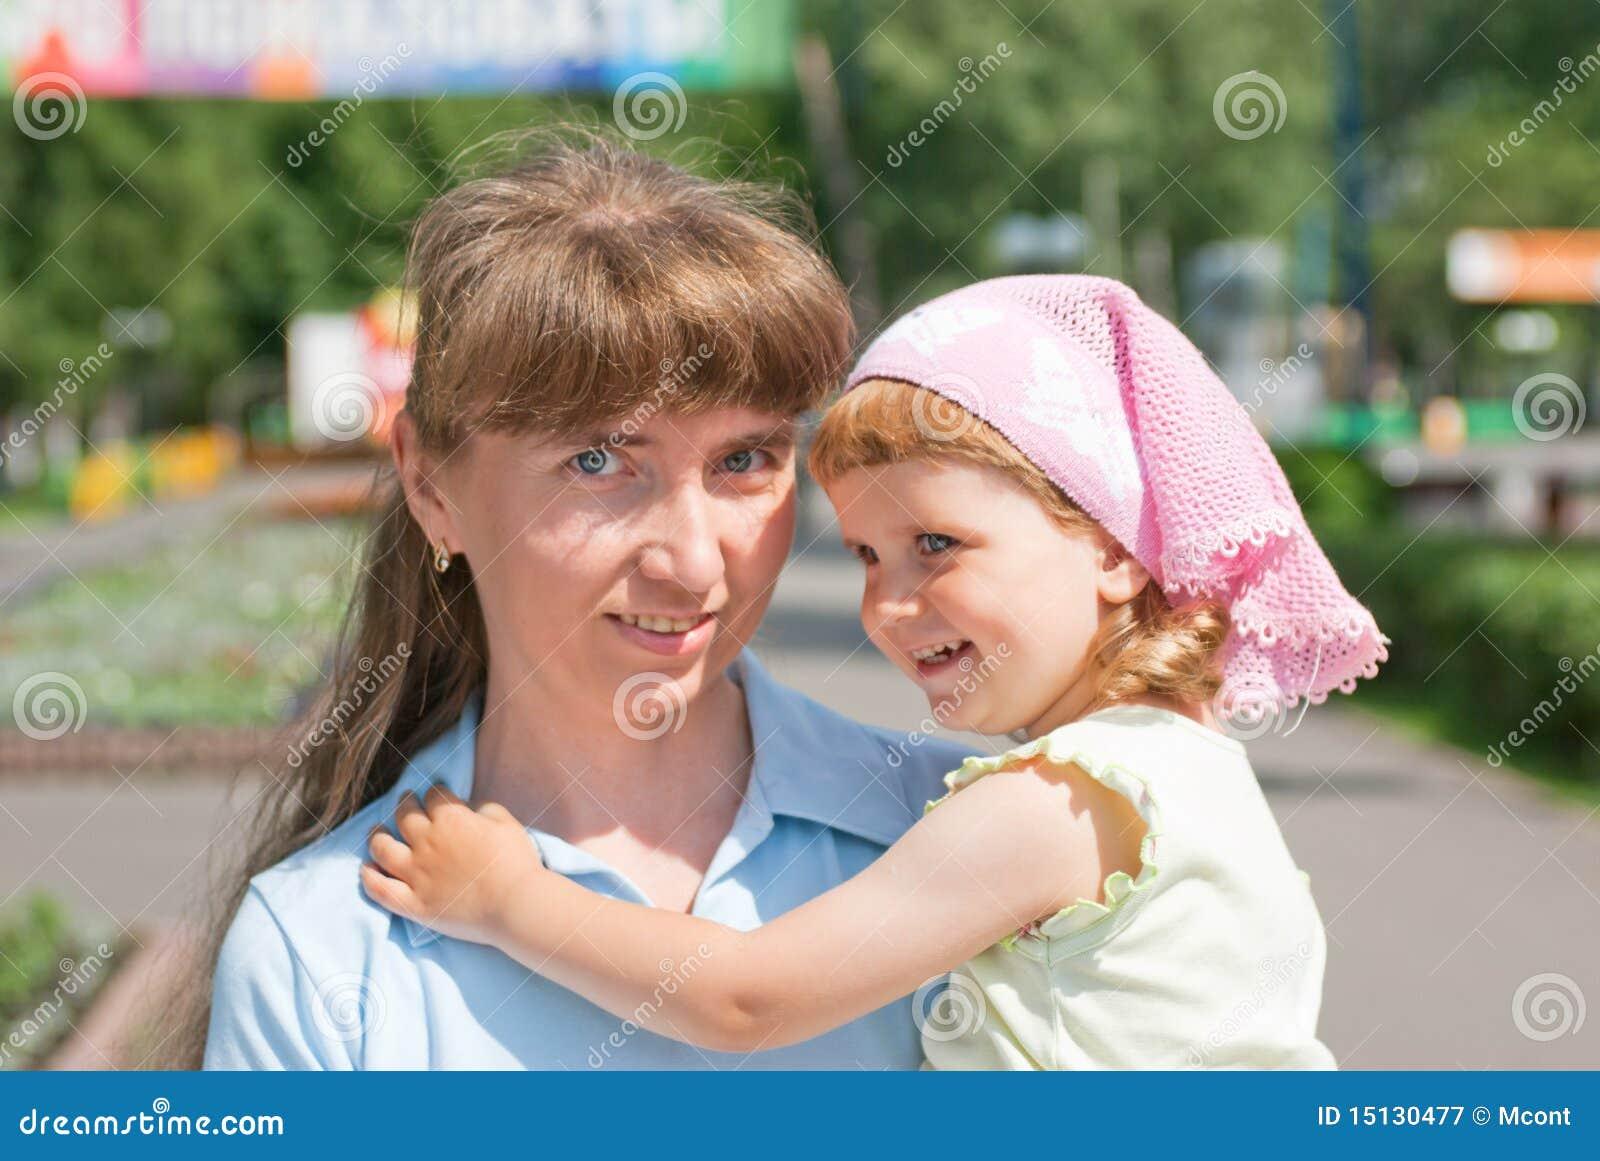 Una bambina con la sua madre